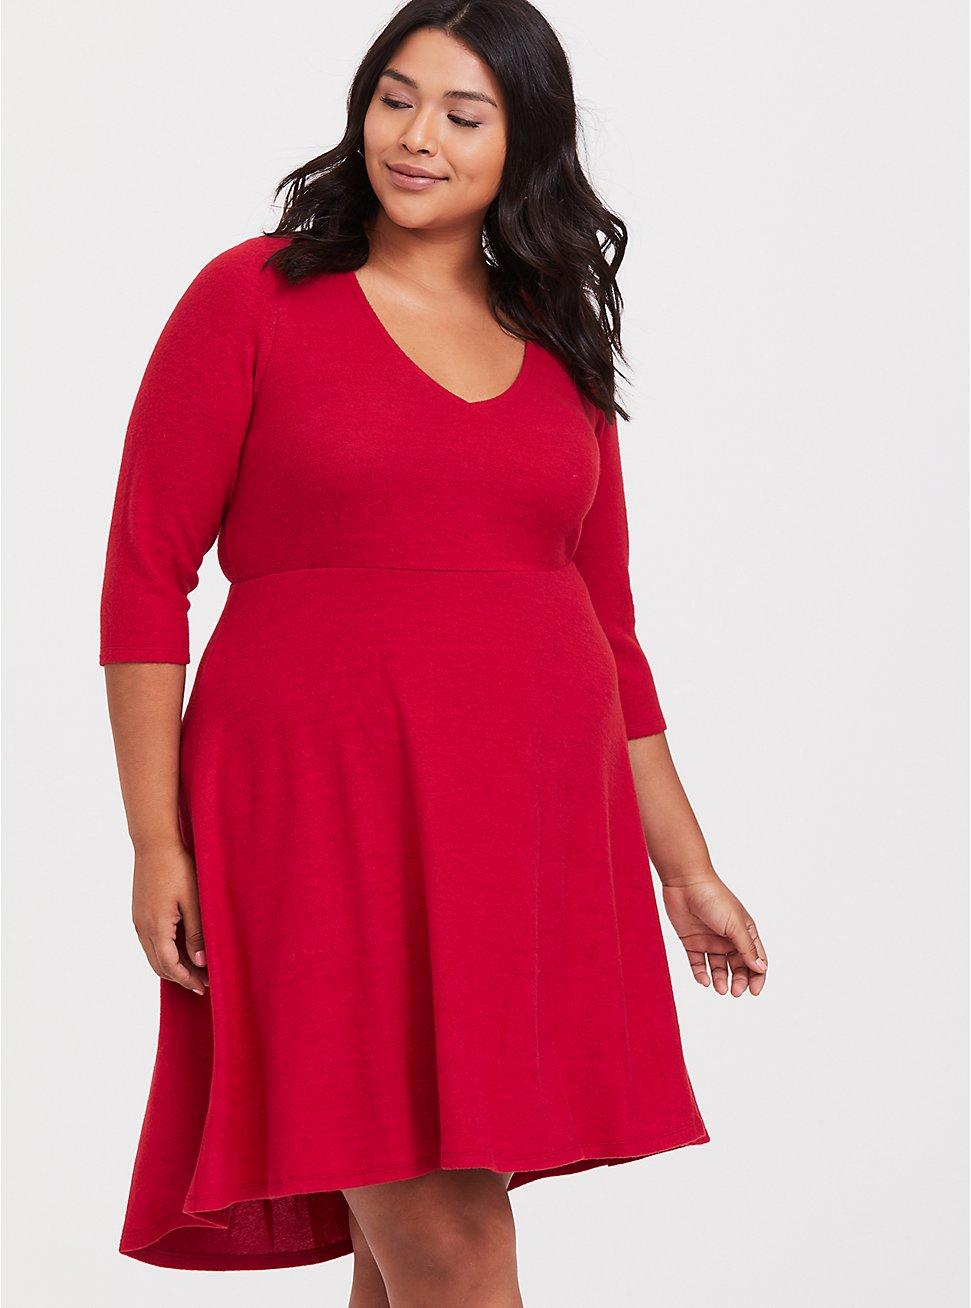 Super Soft Plush Red Hi-Lo Skater Dress, JESTER RED, hi-res